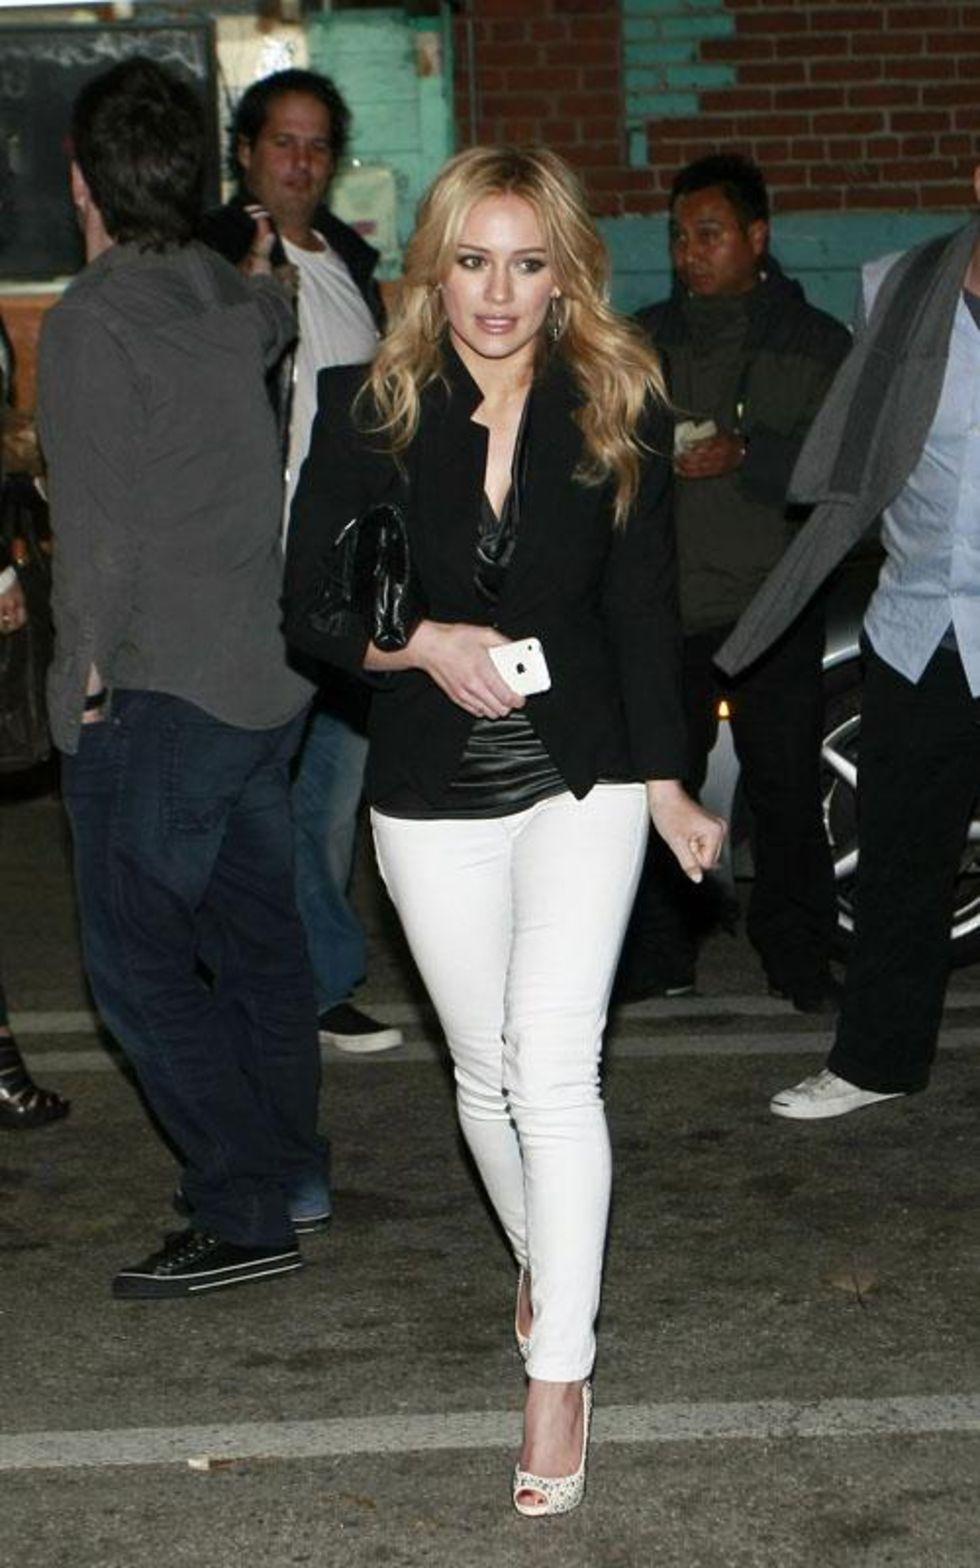 Hilary Duff 2010 : hilary-duff-leggy-in-white-tight-pants-05